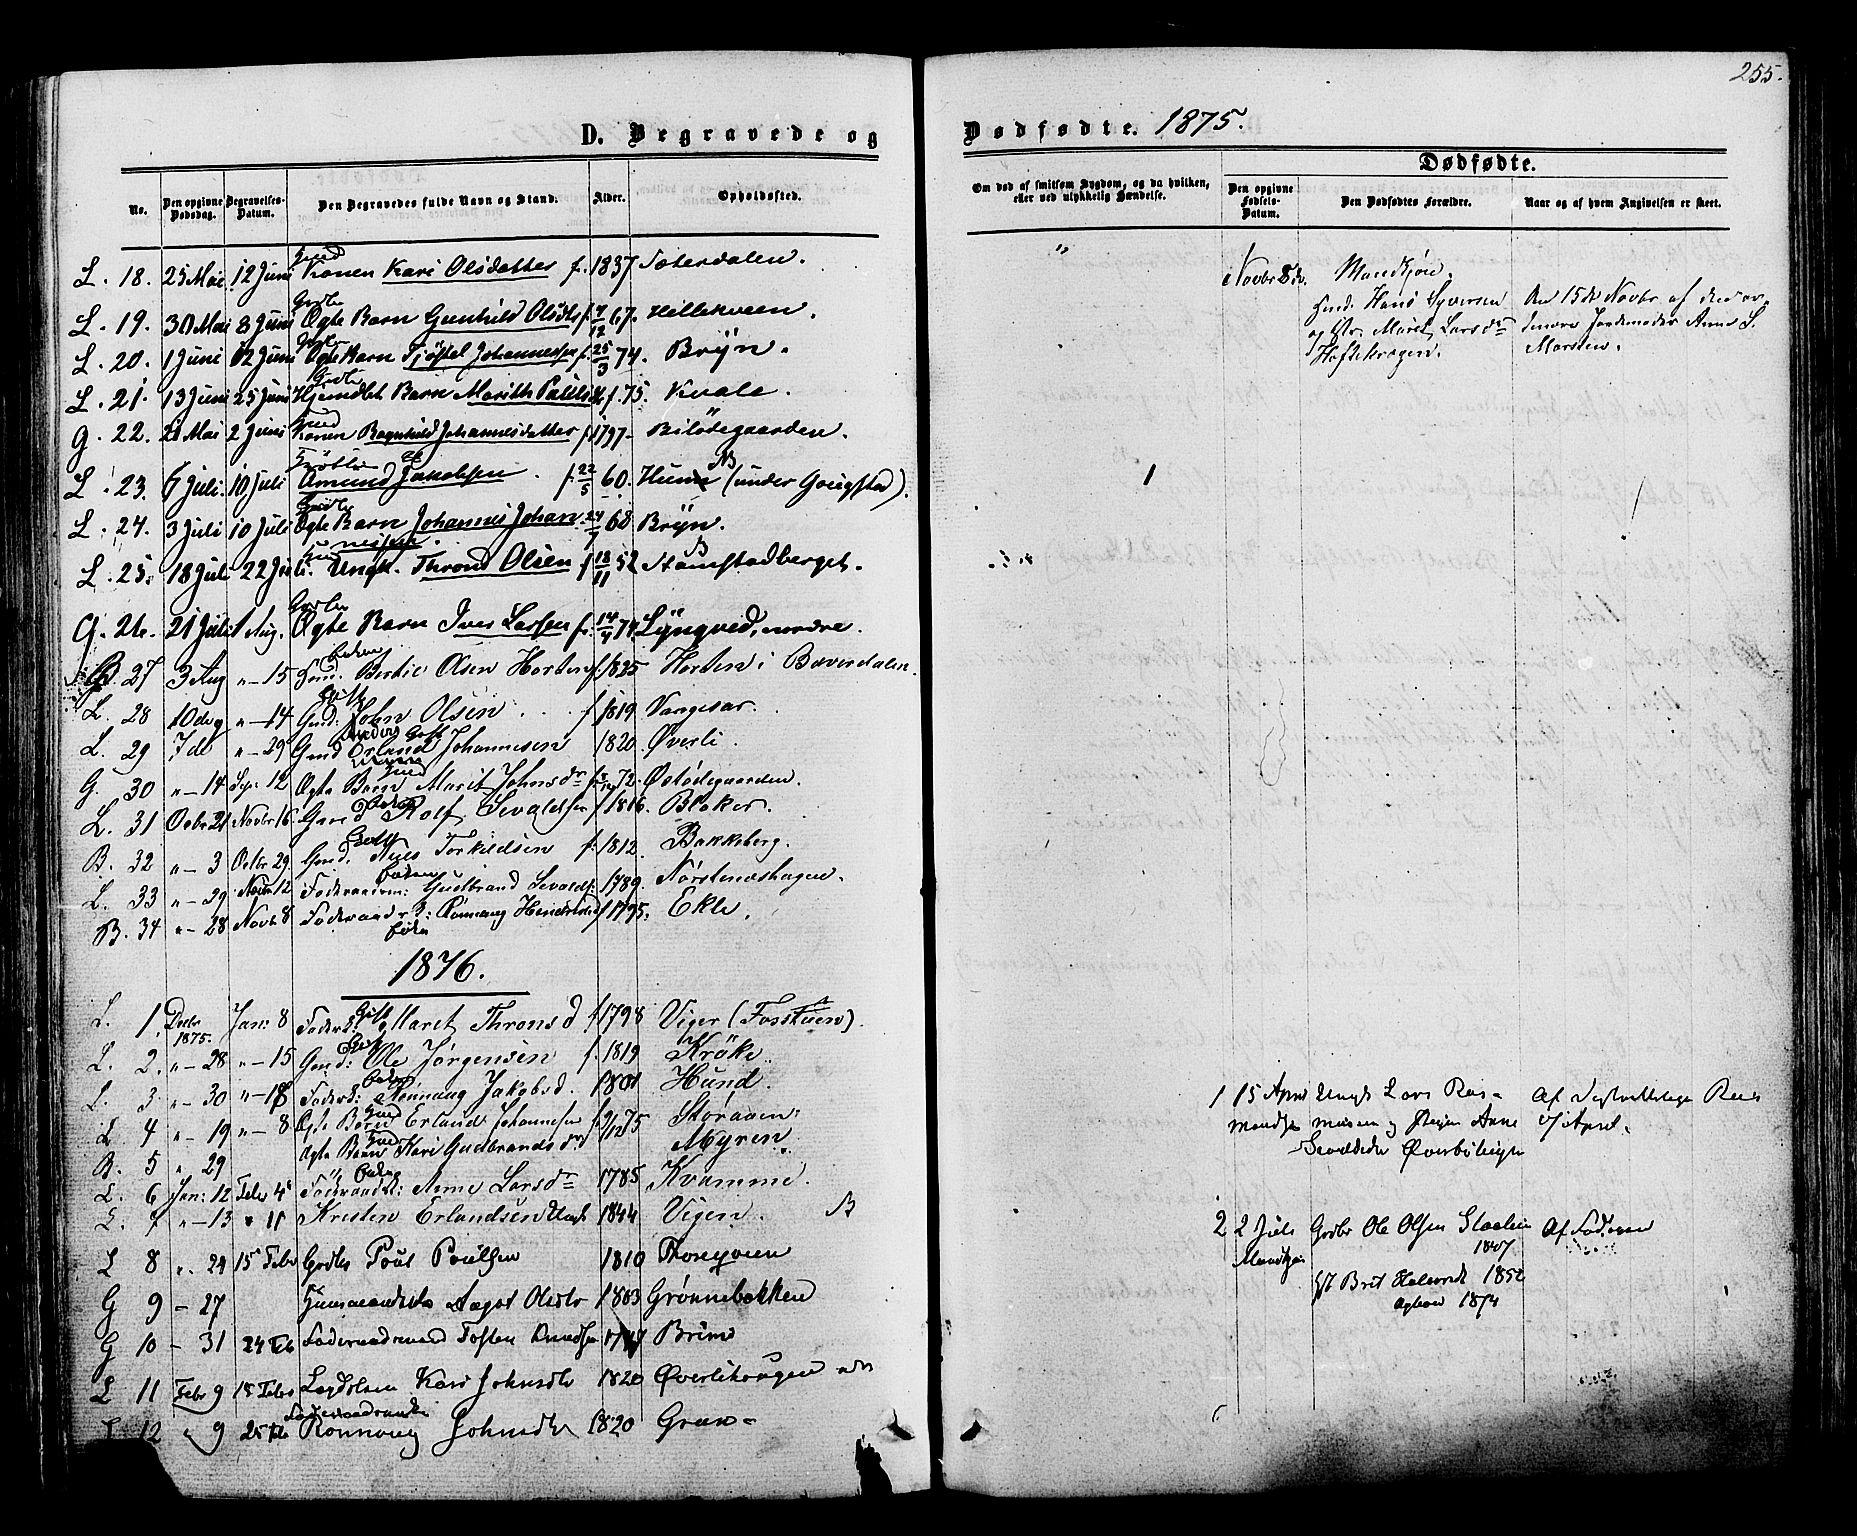 SAH, Lom prestekontor, K/L0007: Ministerialbok nr. 7, 1863-1884, s. 255